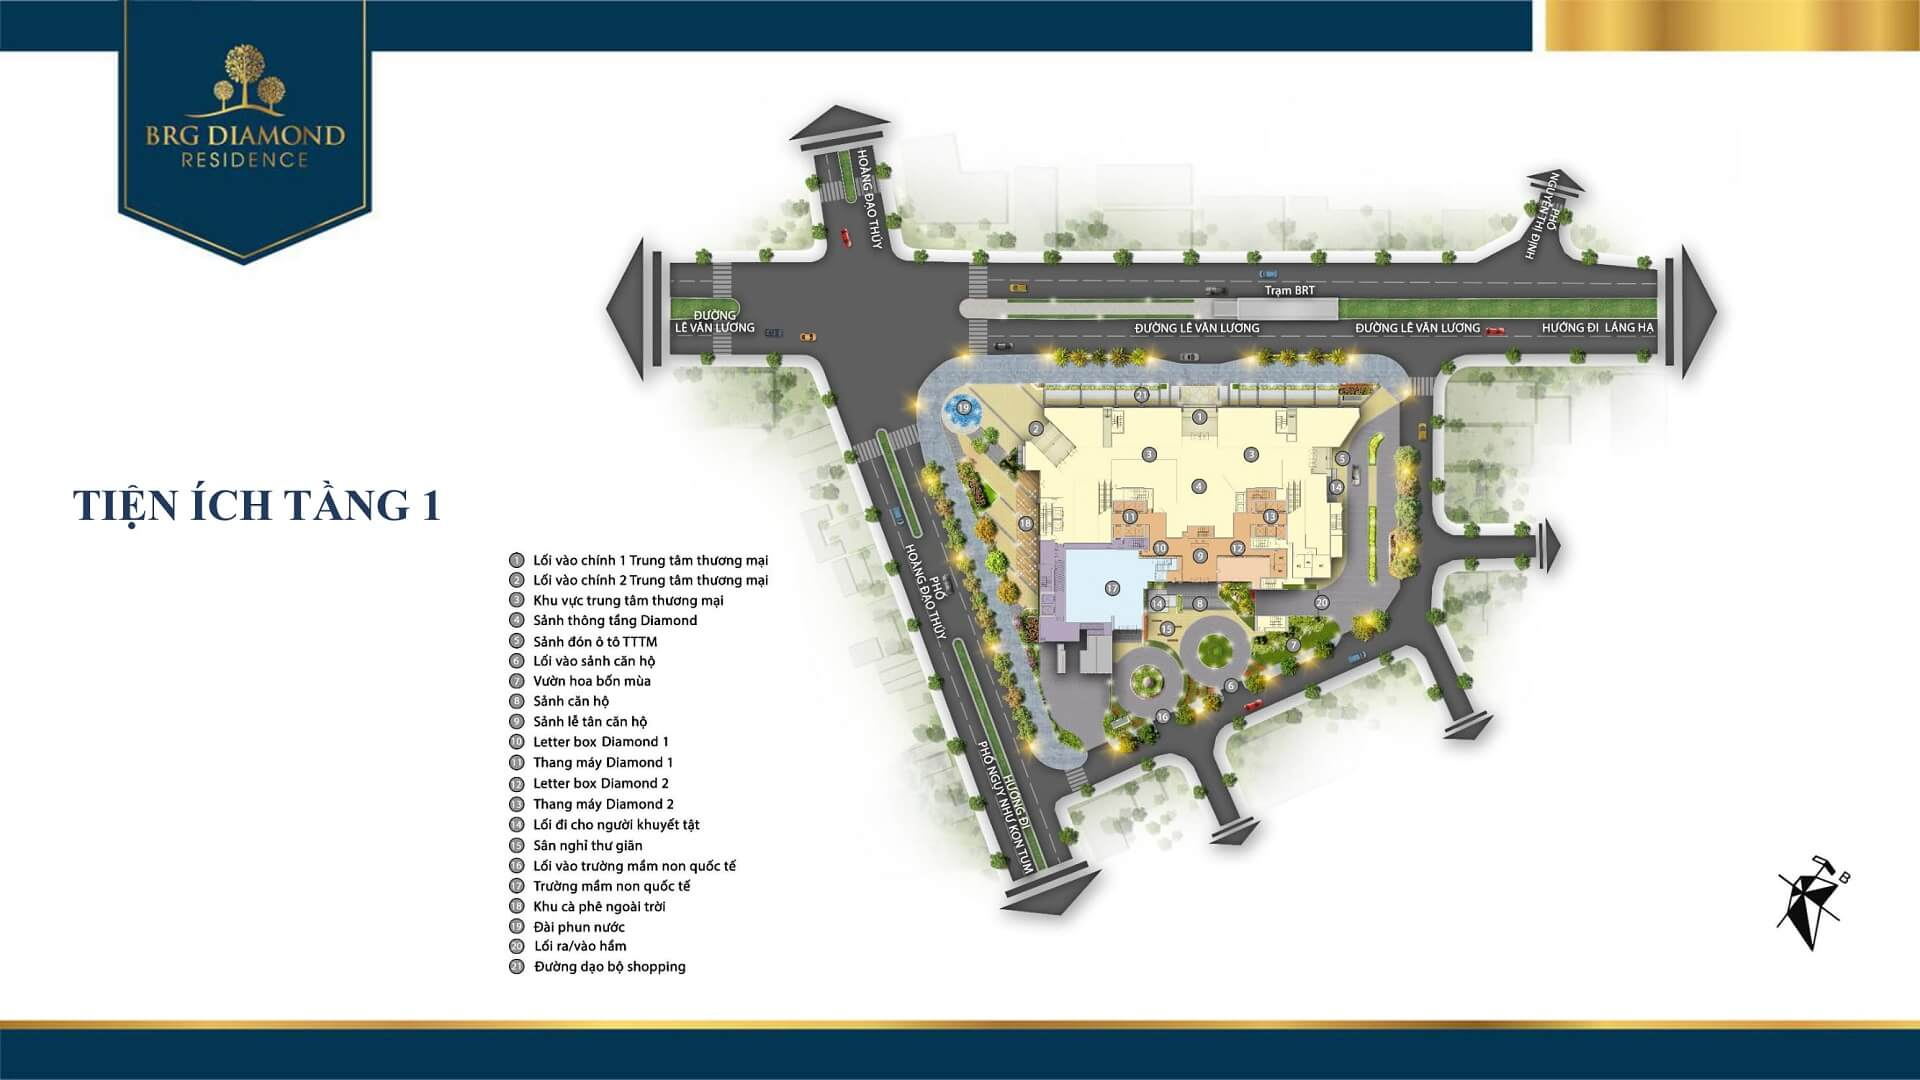 tiện ích tầng 1 dự án brg diamond residence